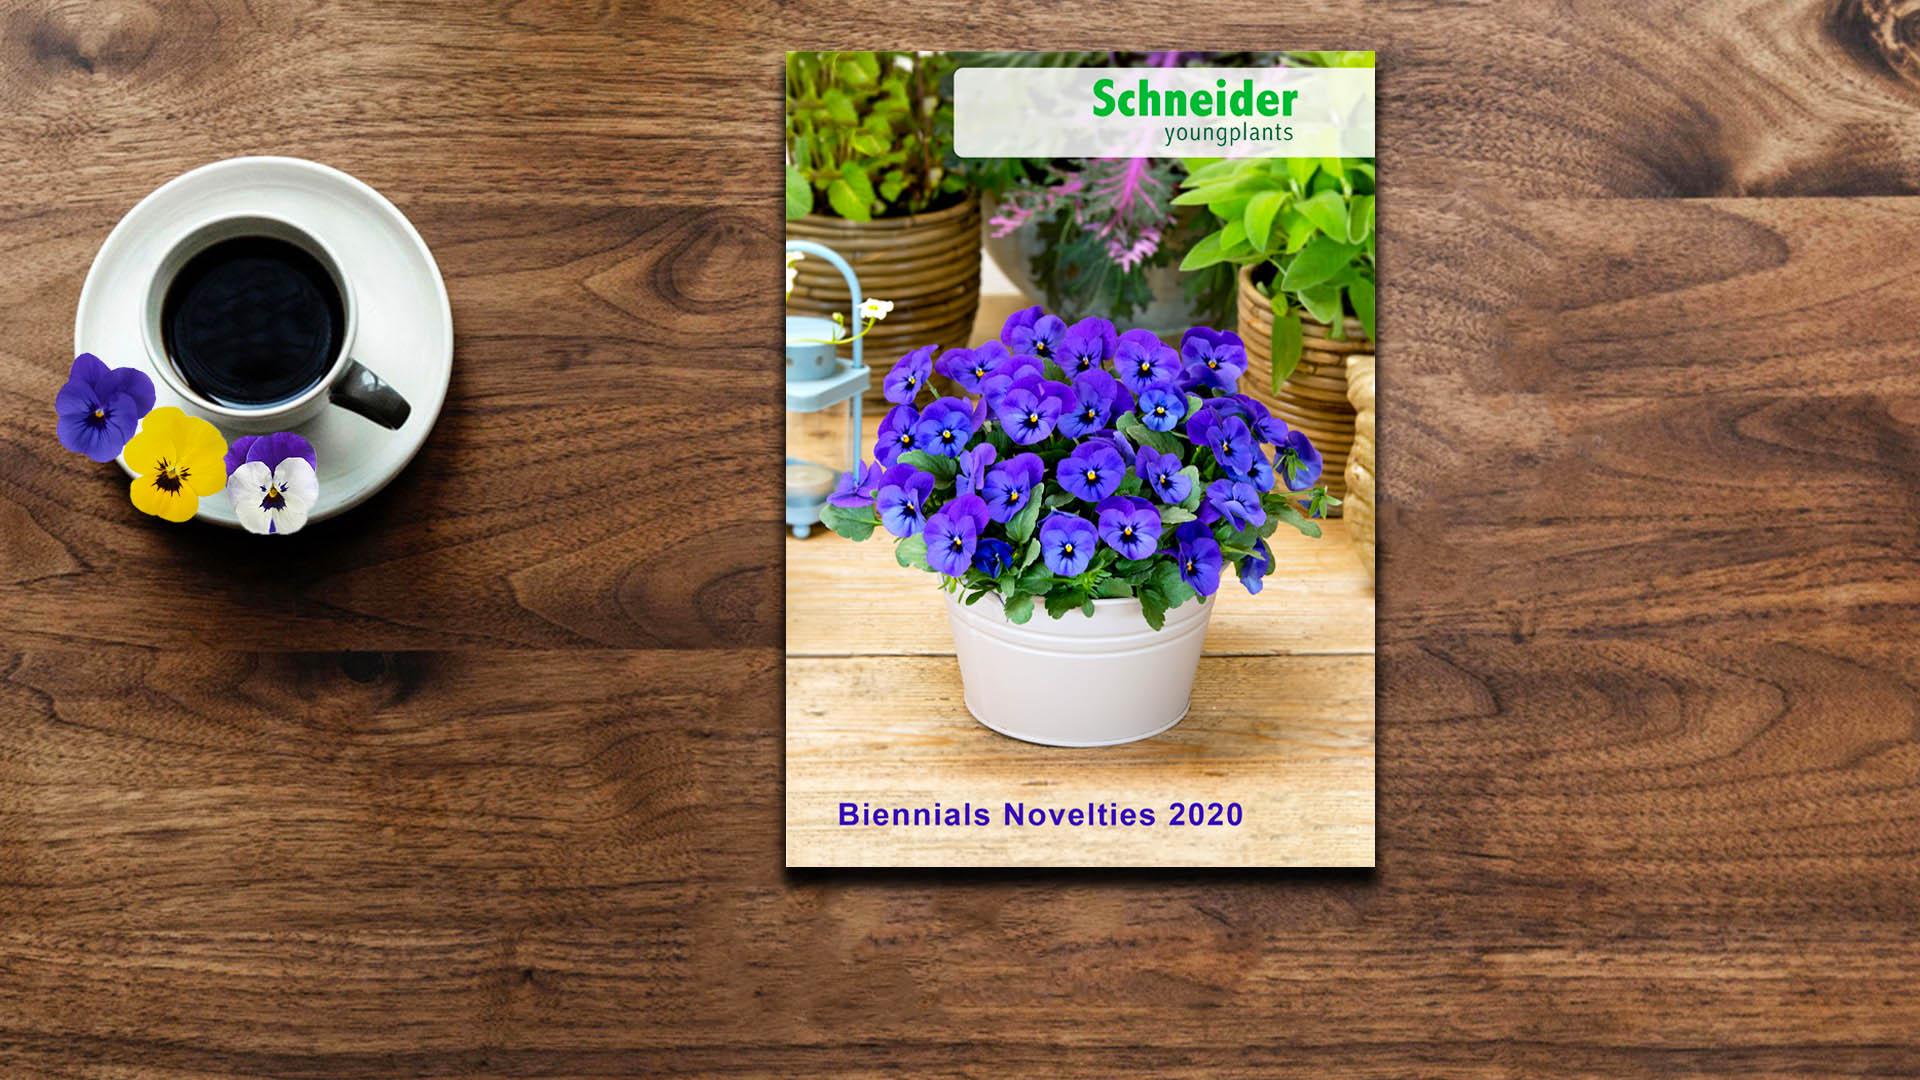 New Biennials Novelties 2020 catalogue!